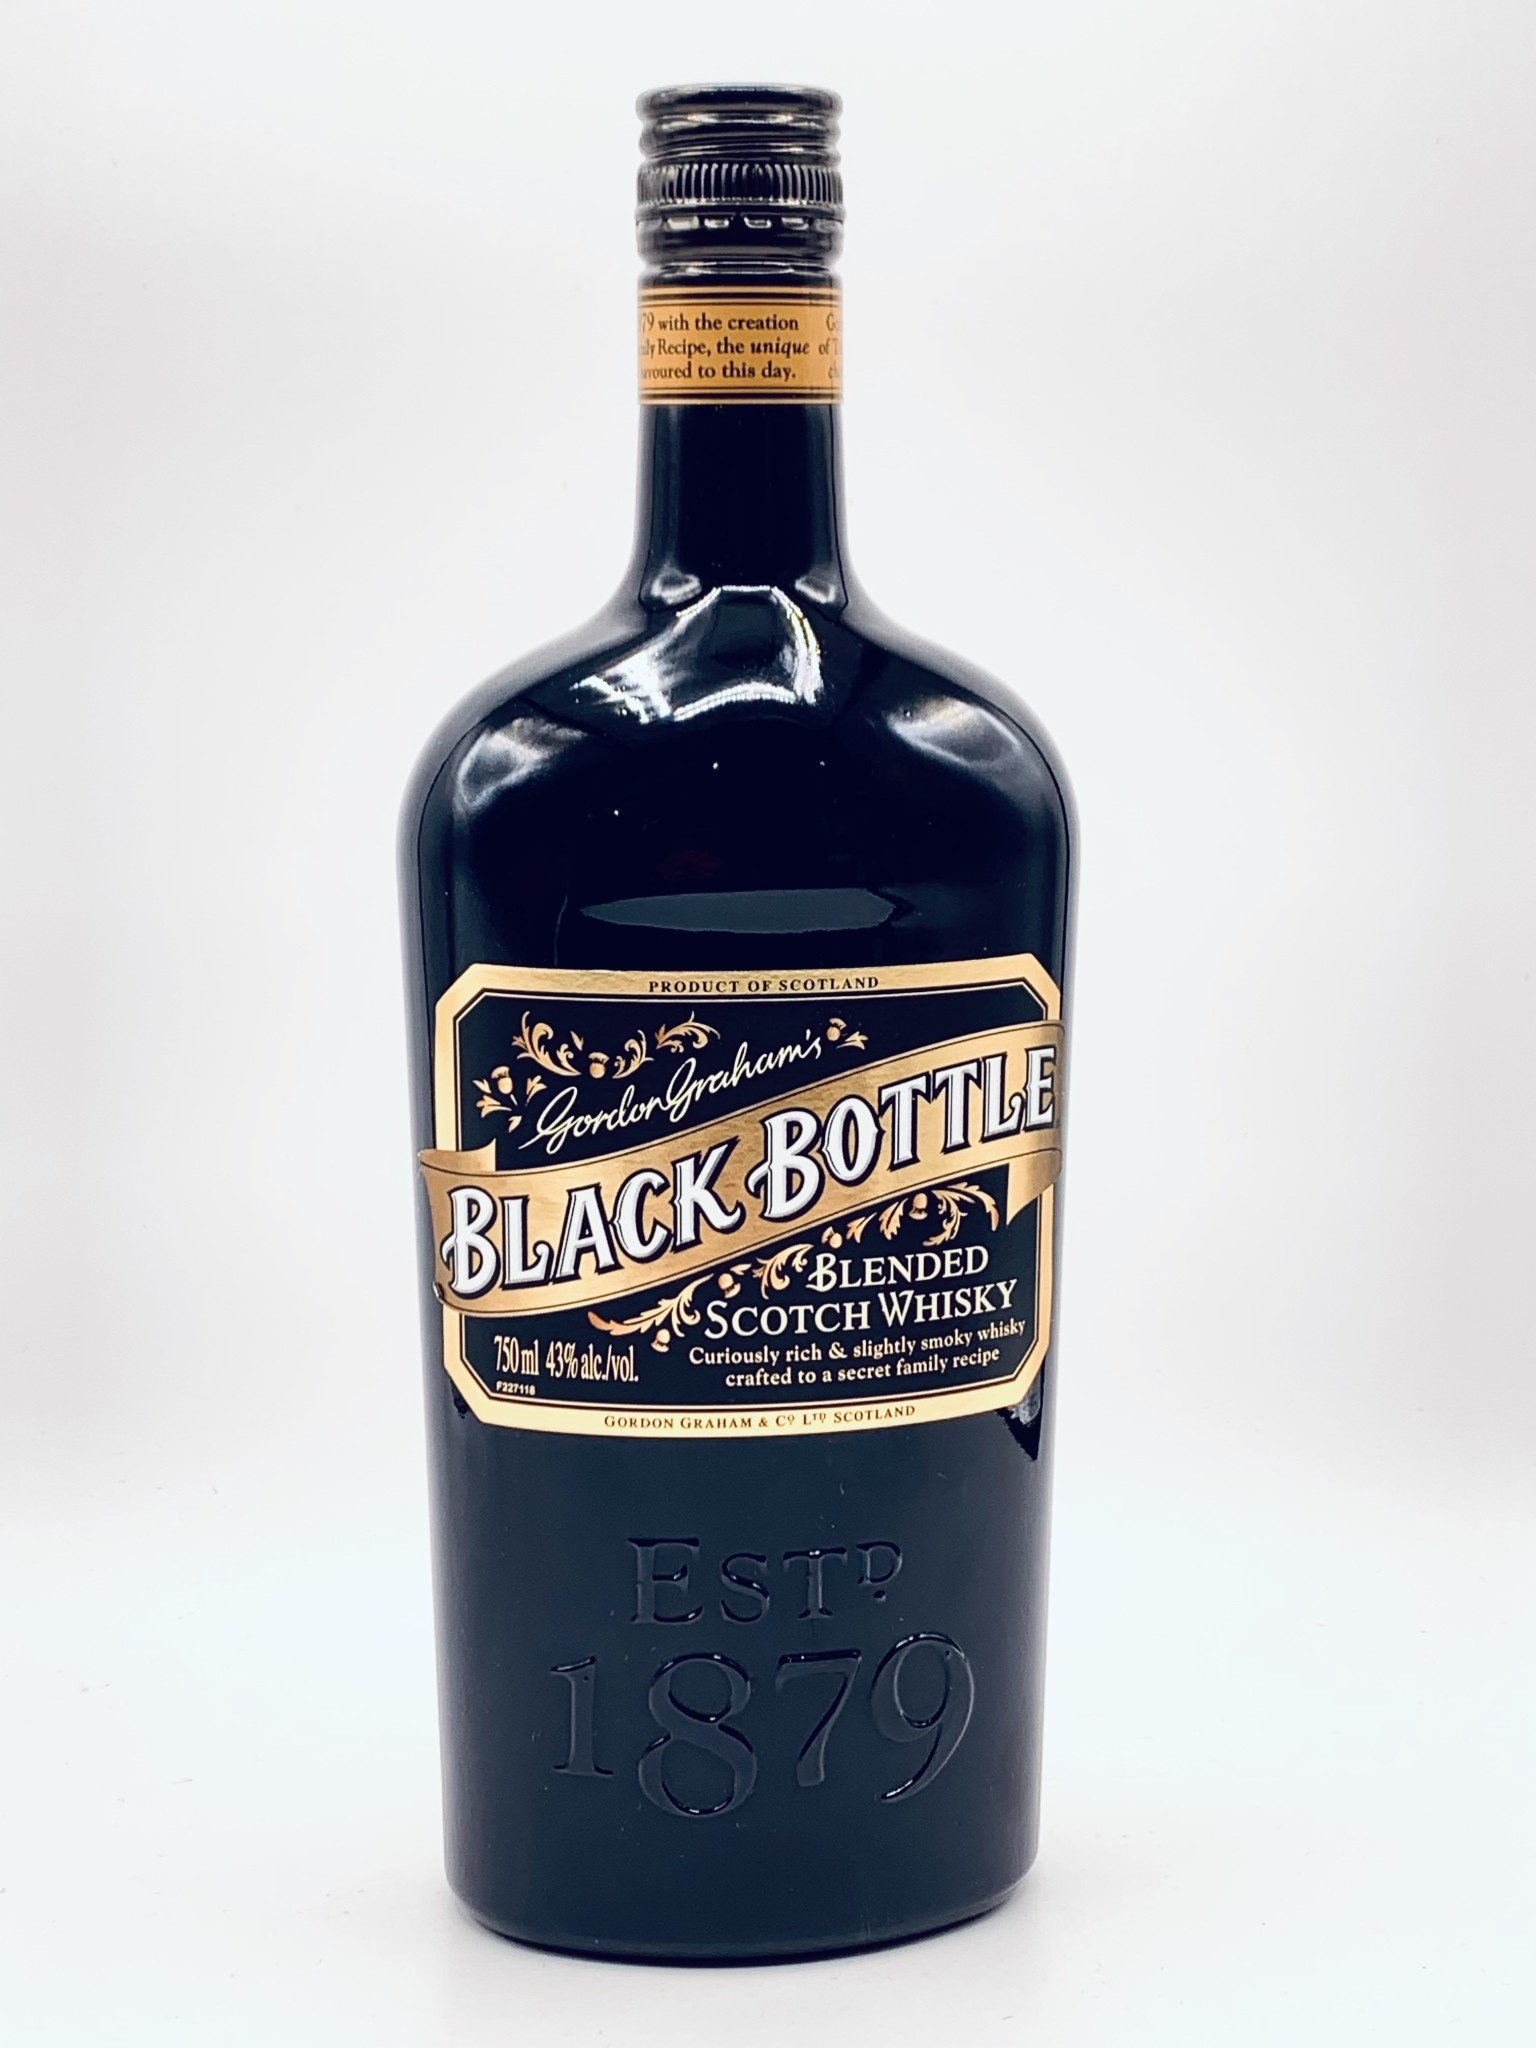 Gordon Graham's Black Bottle Blended Scotch Whisky 750ml (80 Proof)